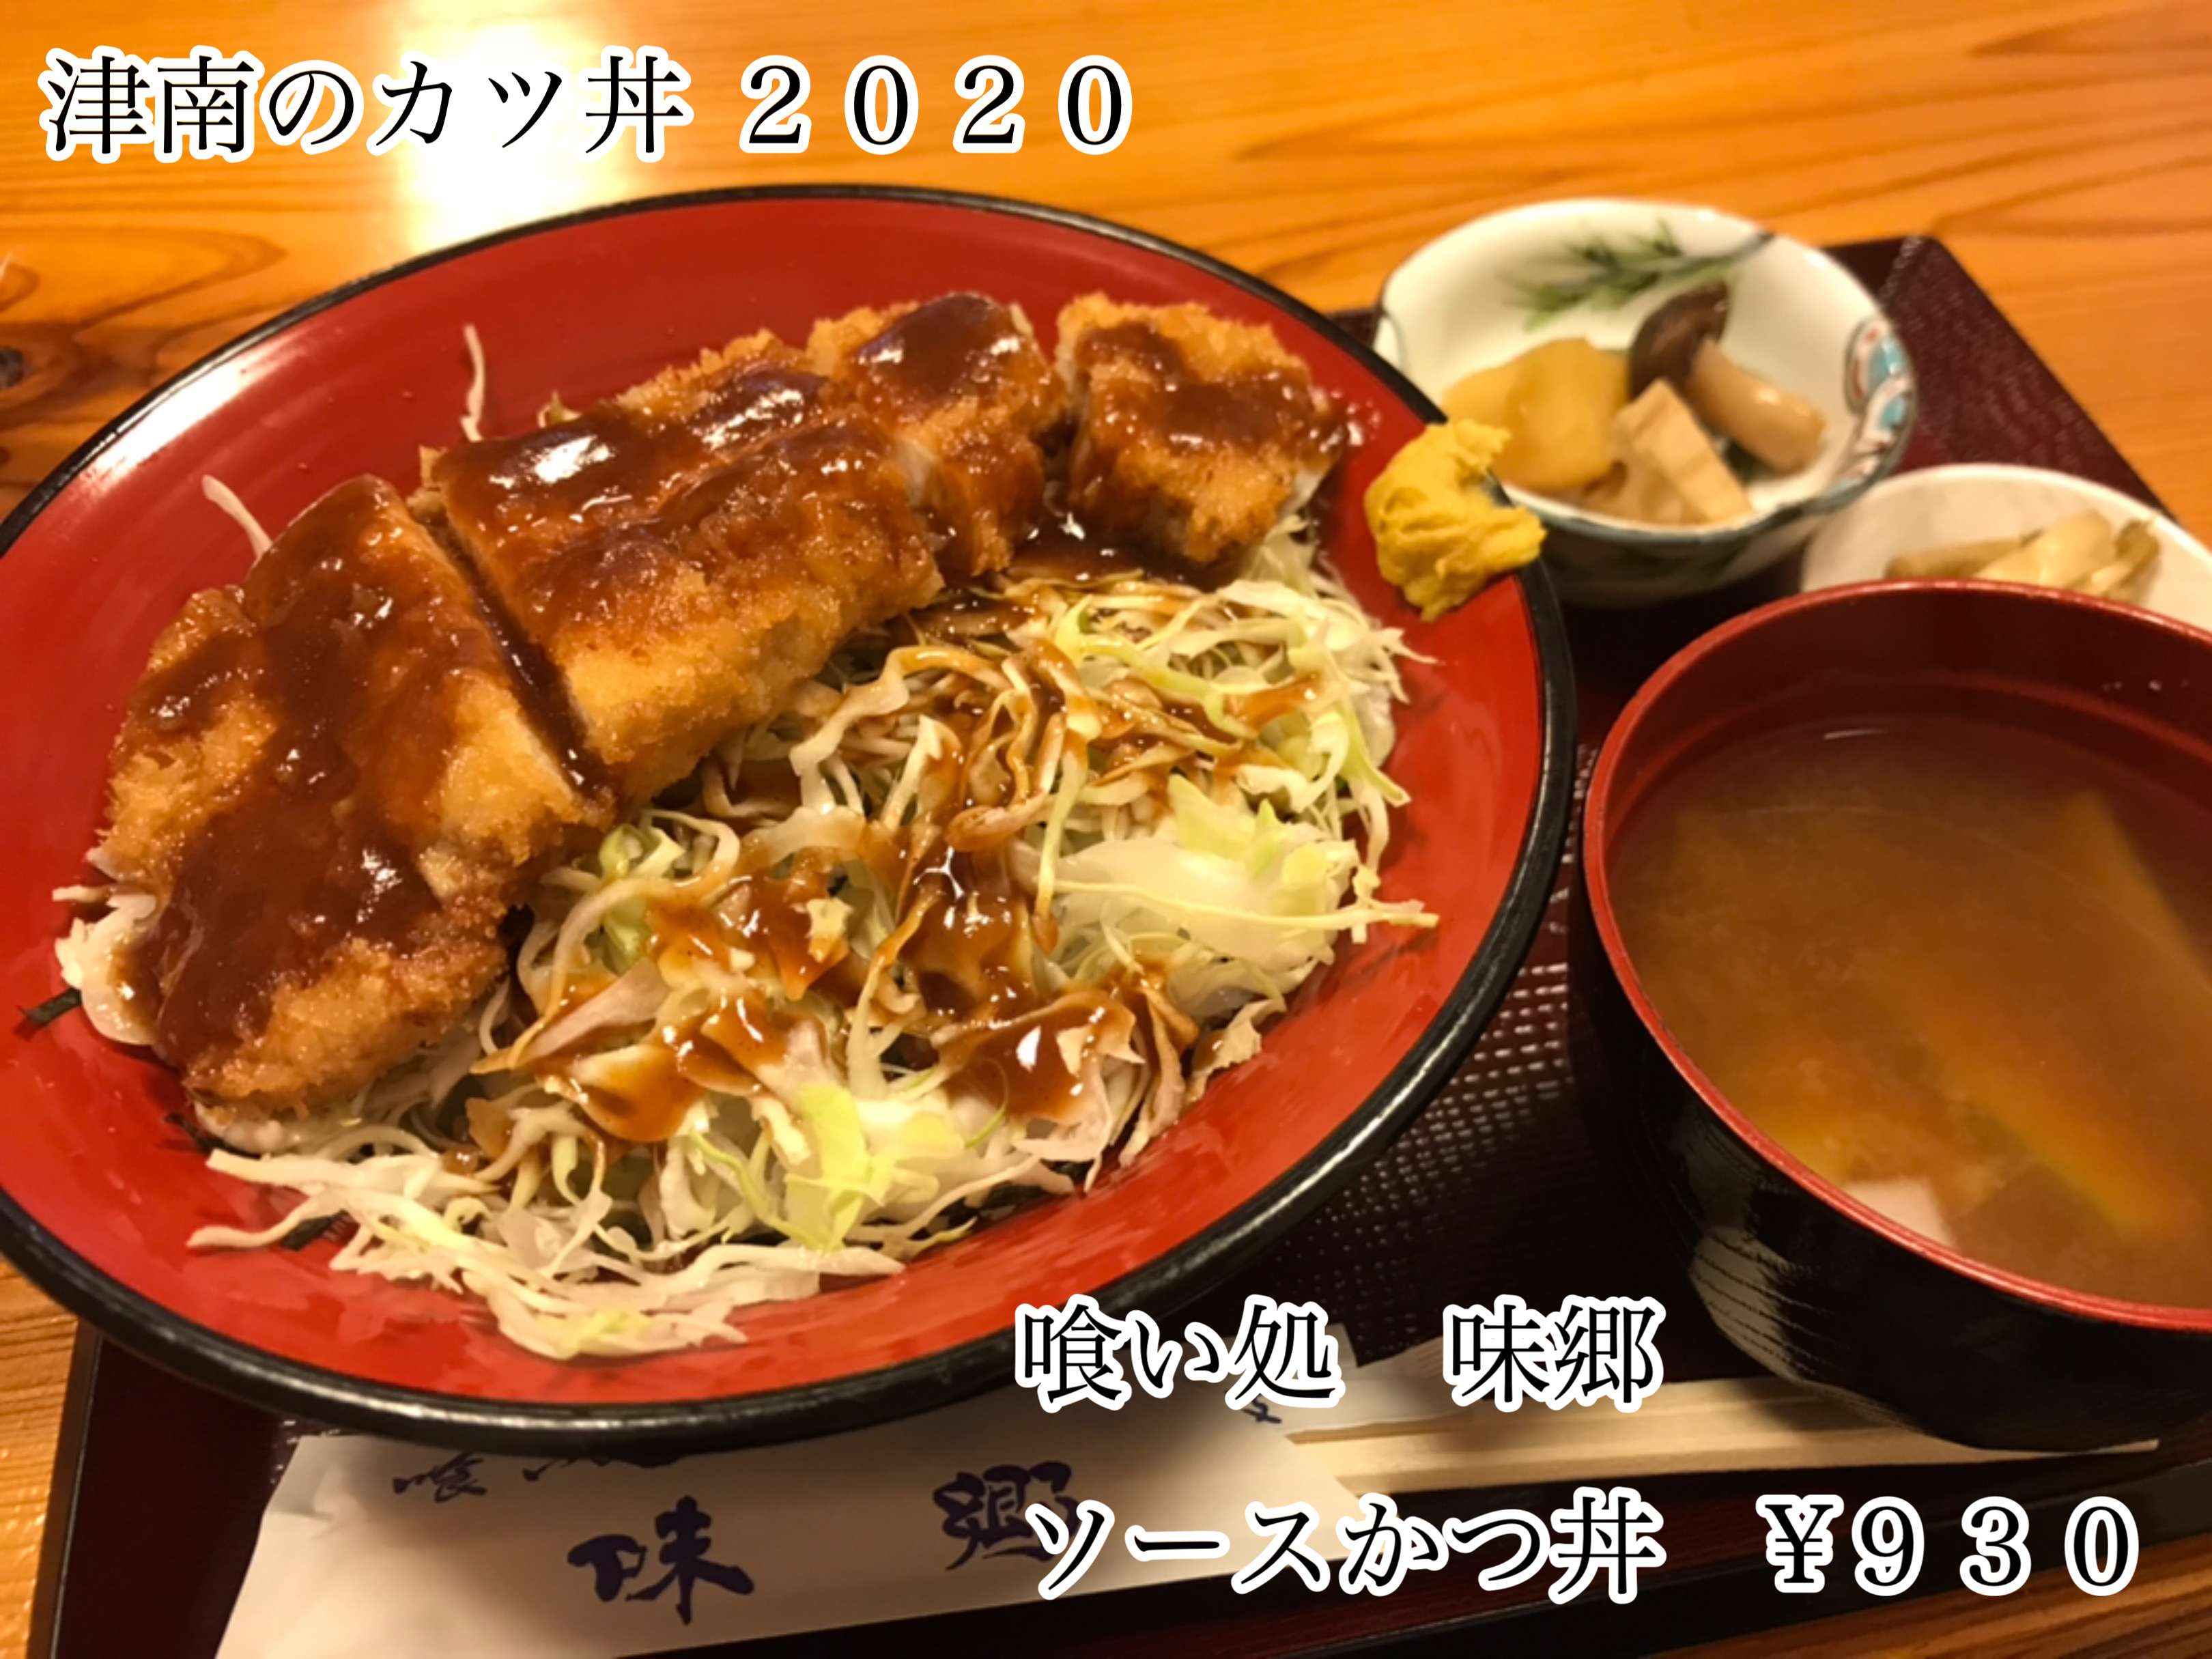 カツ丼 味郷